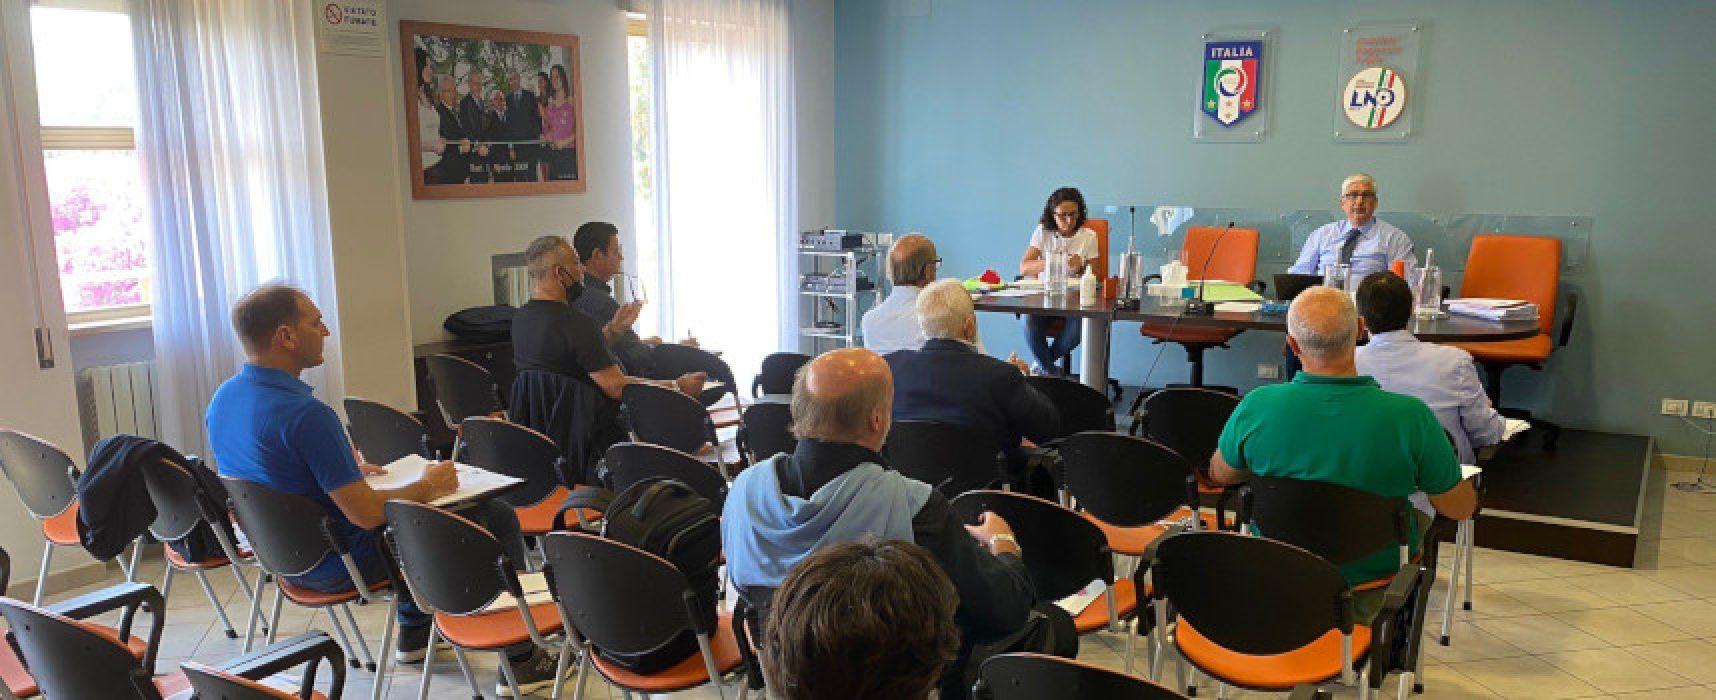 Promozioni e retrocessioni: le volontà della Lnd Puglia per i campionati regionali